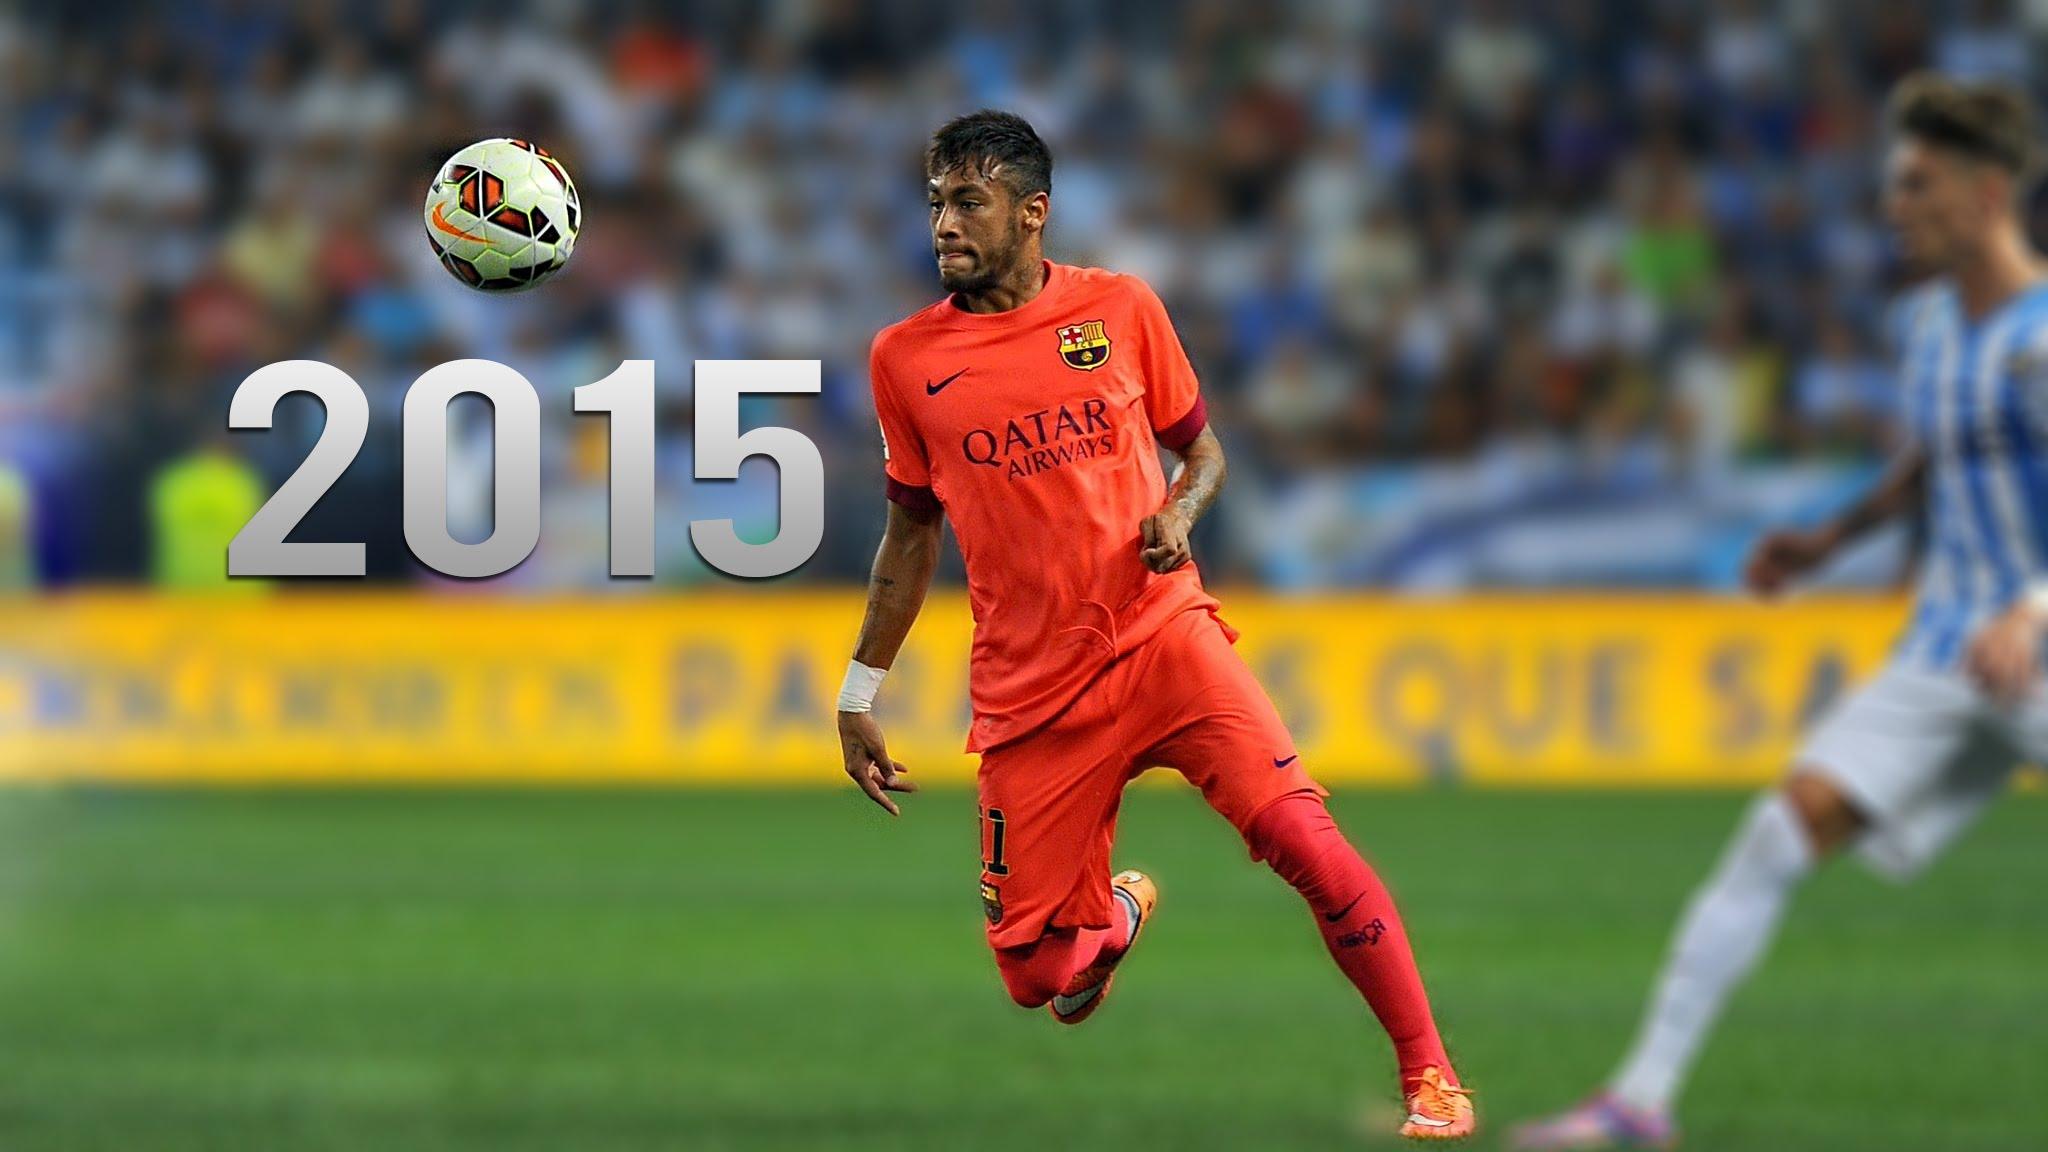 VAŽNA KARIKA BARCELONE Neymar dobiva novi ugovor s otkupnom klauzulom od 250 milijuna eura?